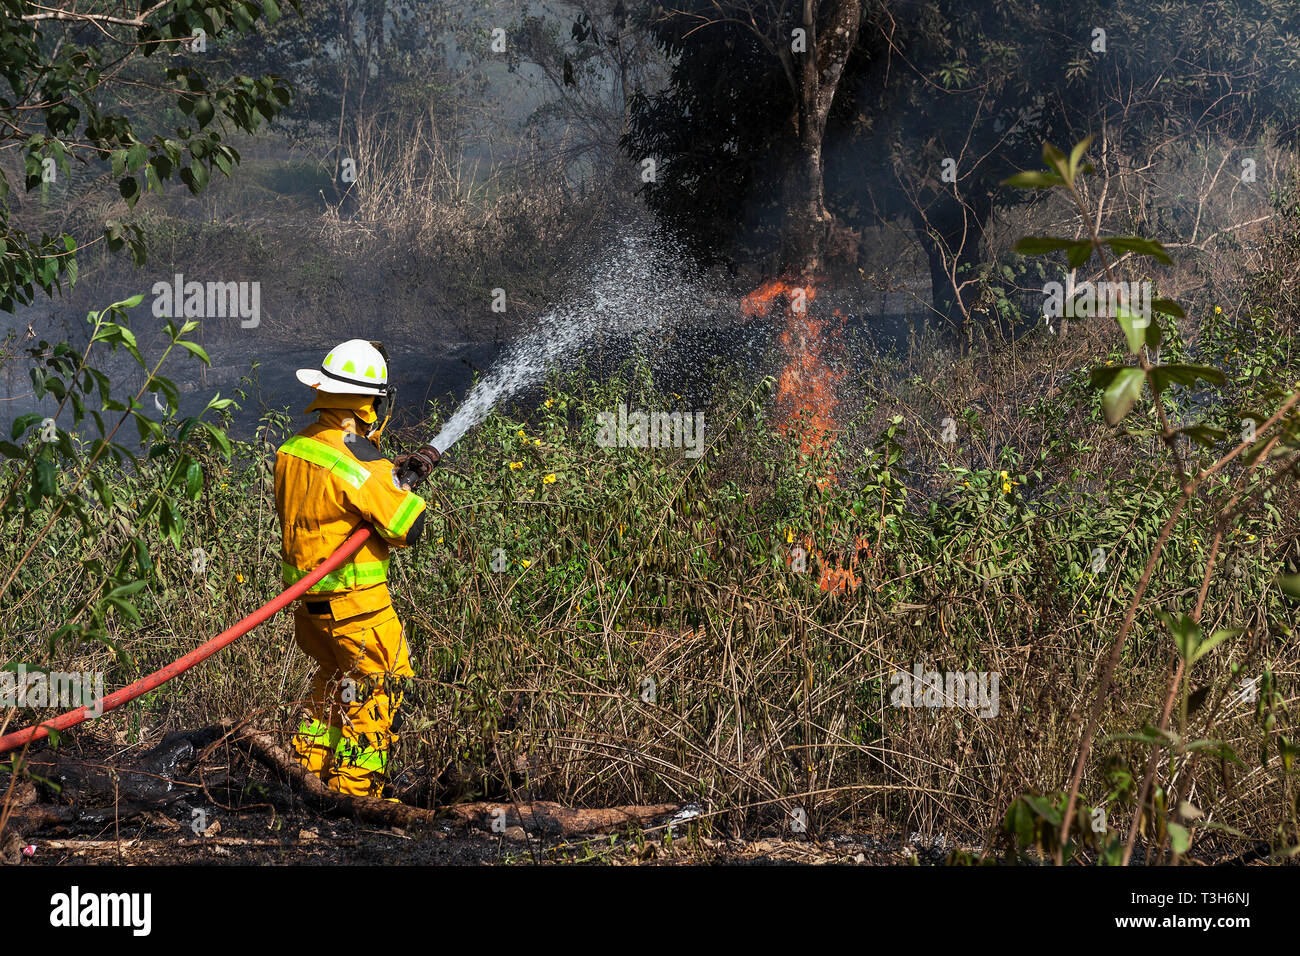 Sierra Leona de entrenamiento del equipo de respuesta de emergencia de demostrar las técnicas de combate de incendios, mientras que el fuego se rompe entre bosques y comunidad Foto de stock